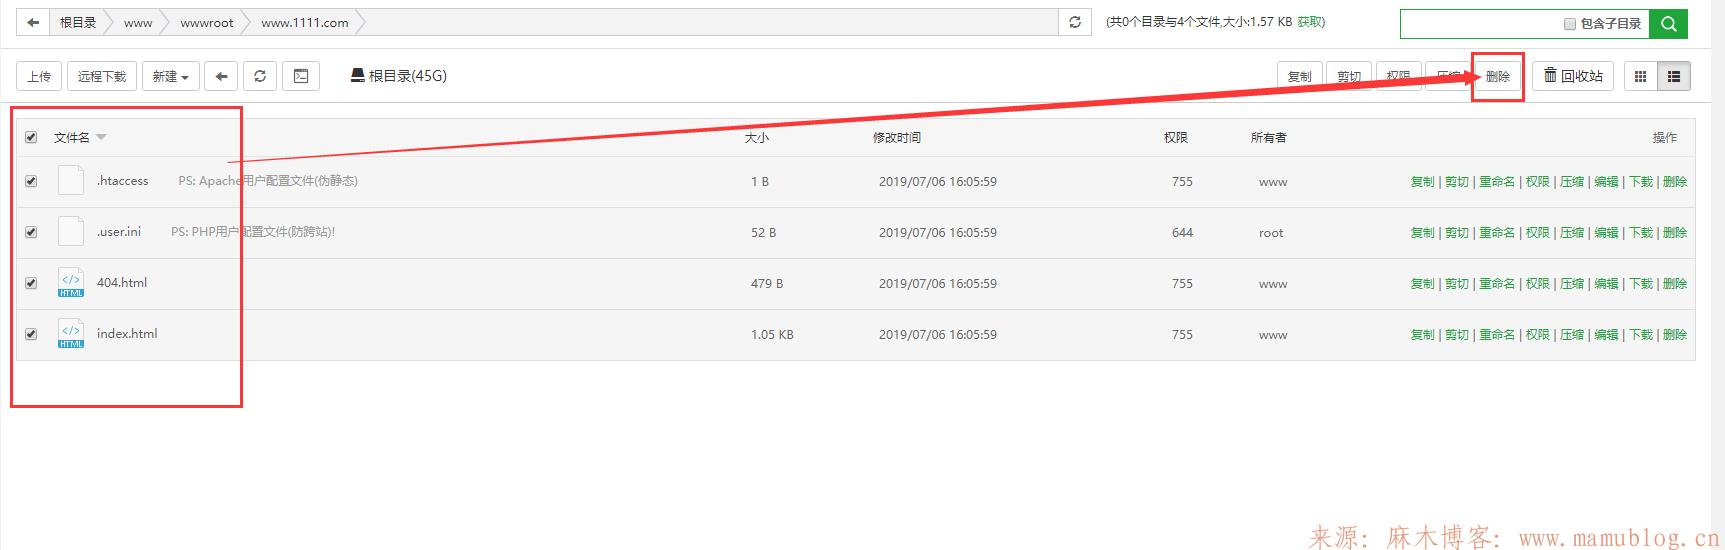 使用VM虚拟机安装centos7.5并安装宝塔面板实现本地搭建测试网站 虚拟机搭建本地测试网站 第42张